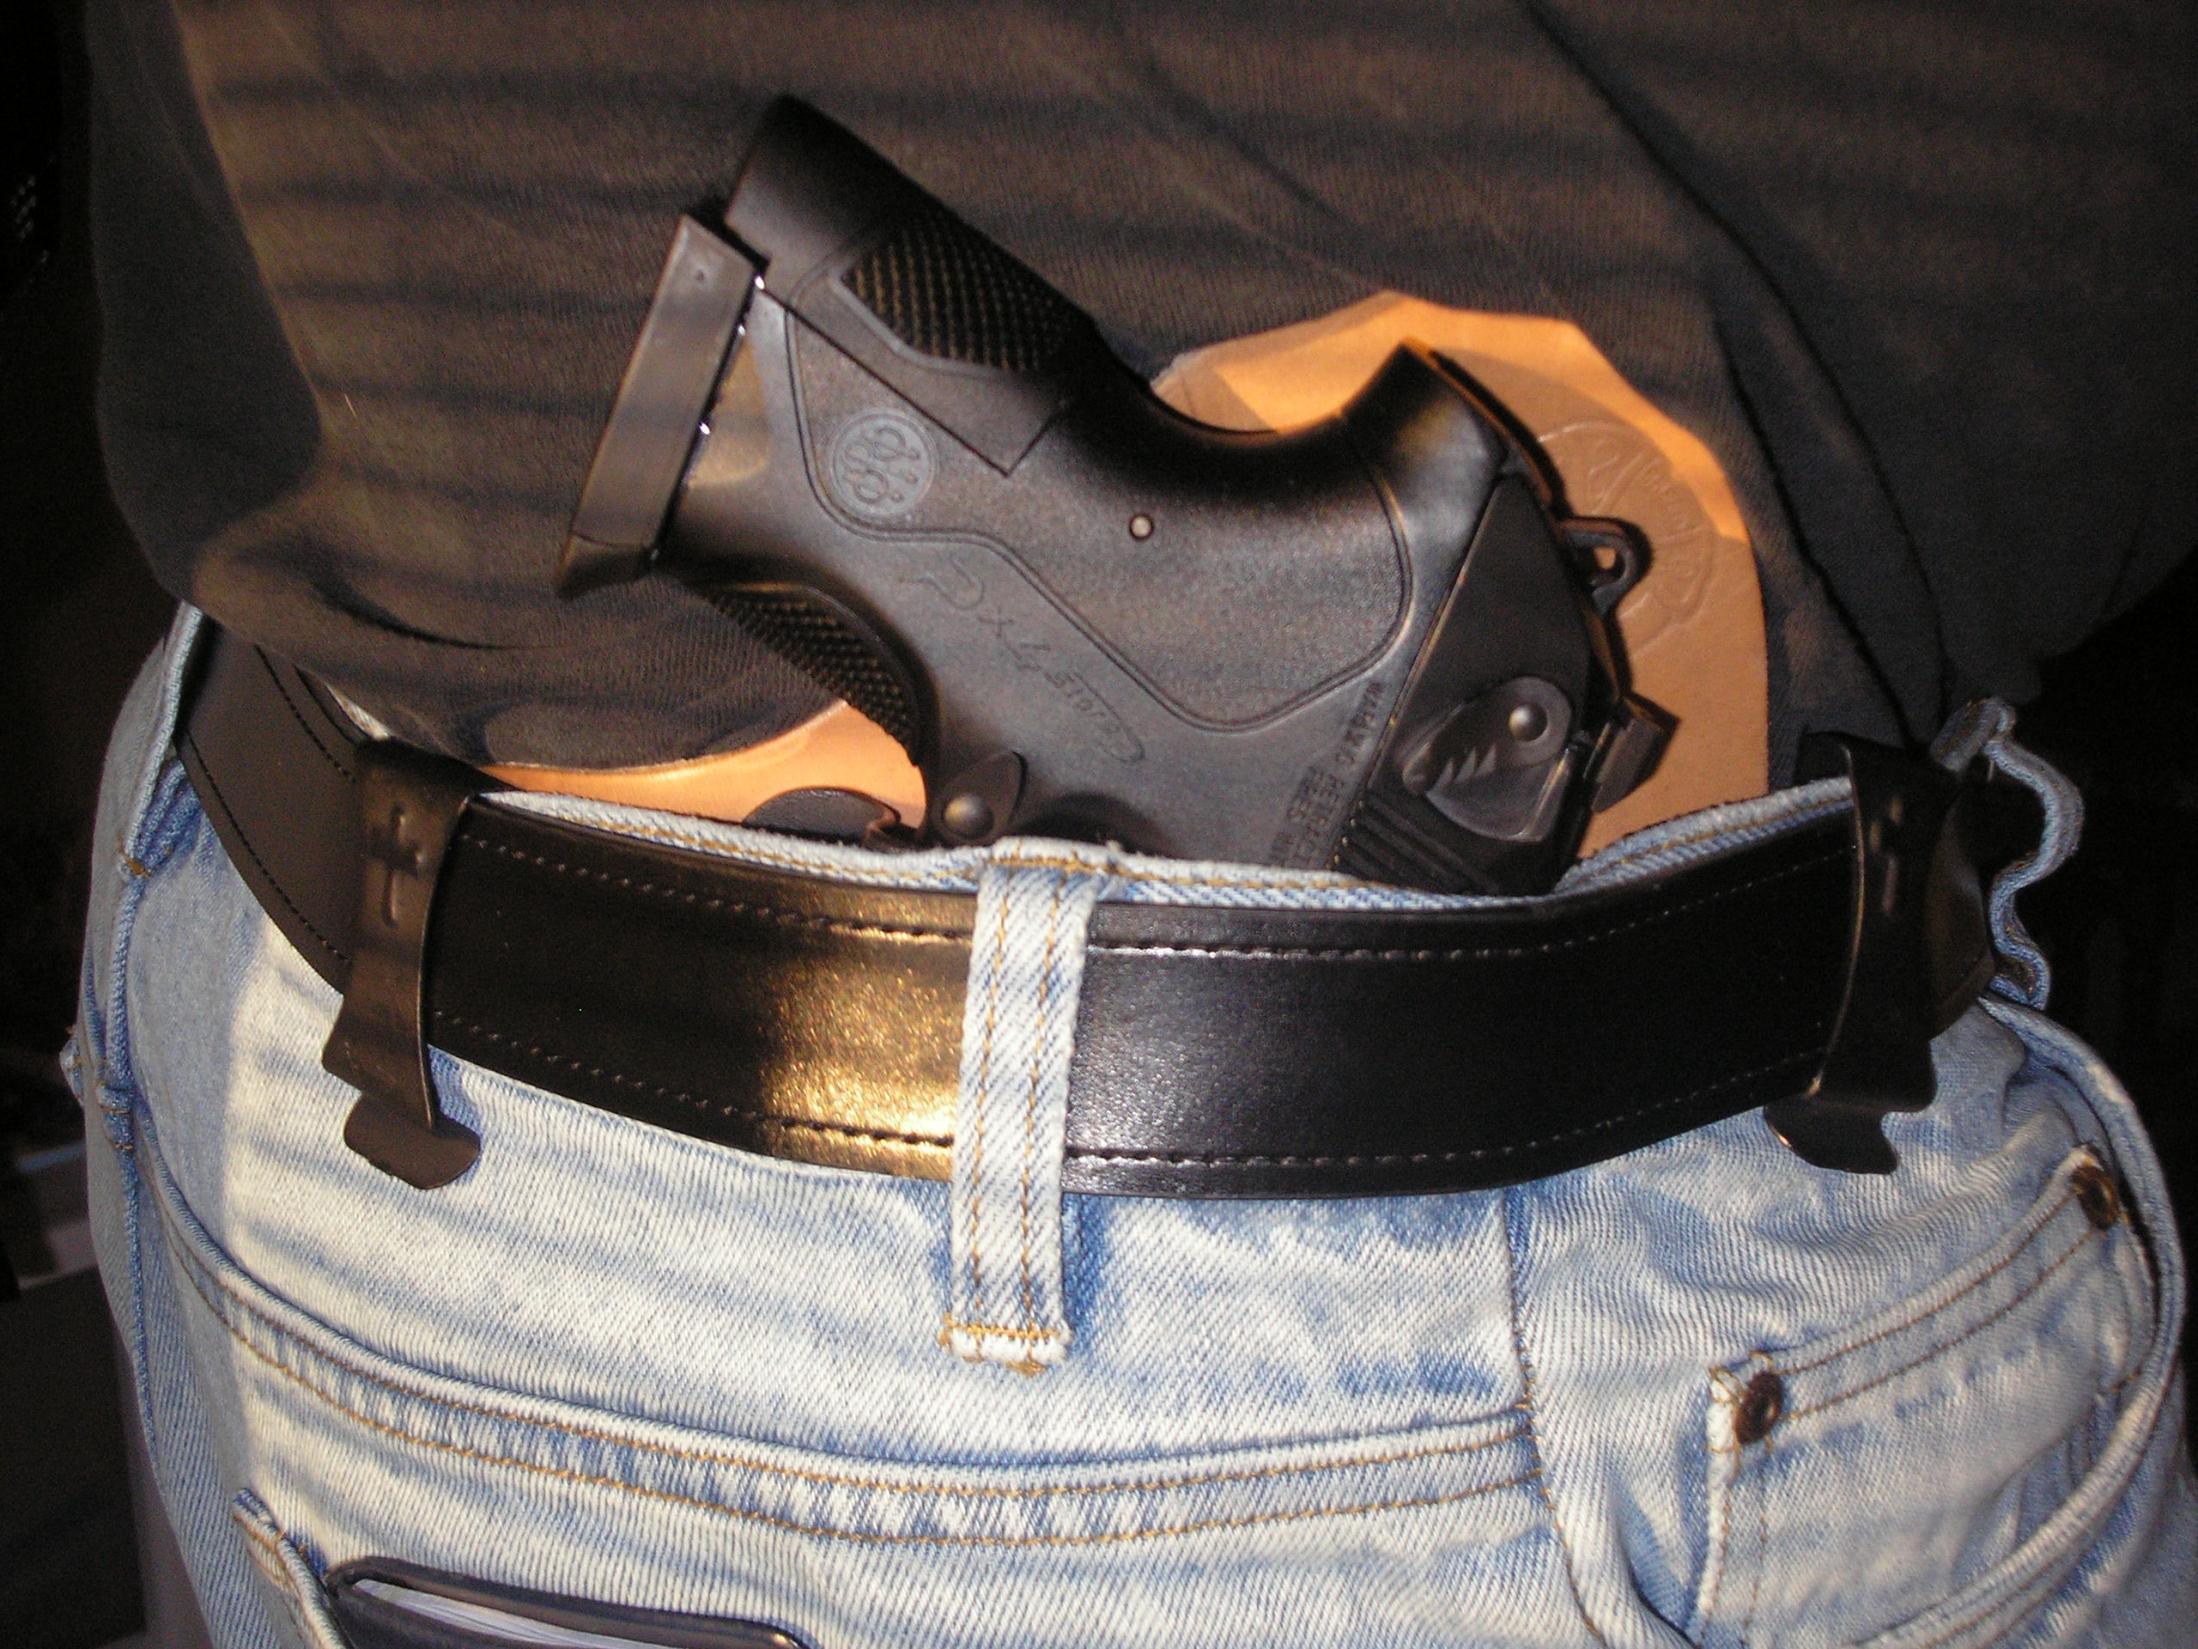 My carry combo-p1010126.jpg